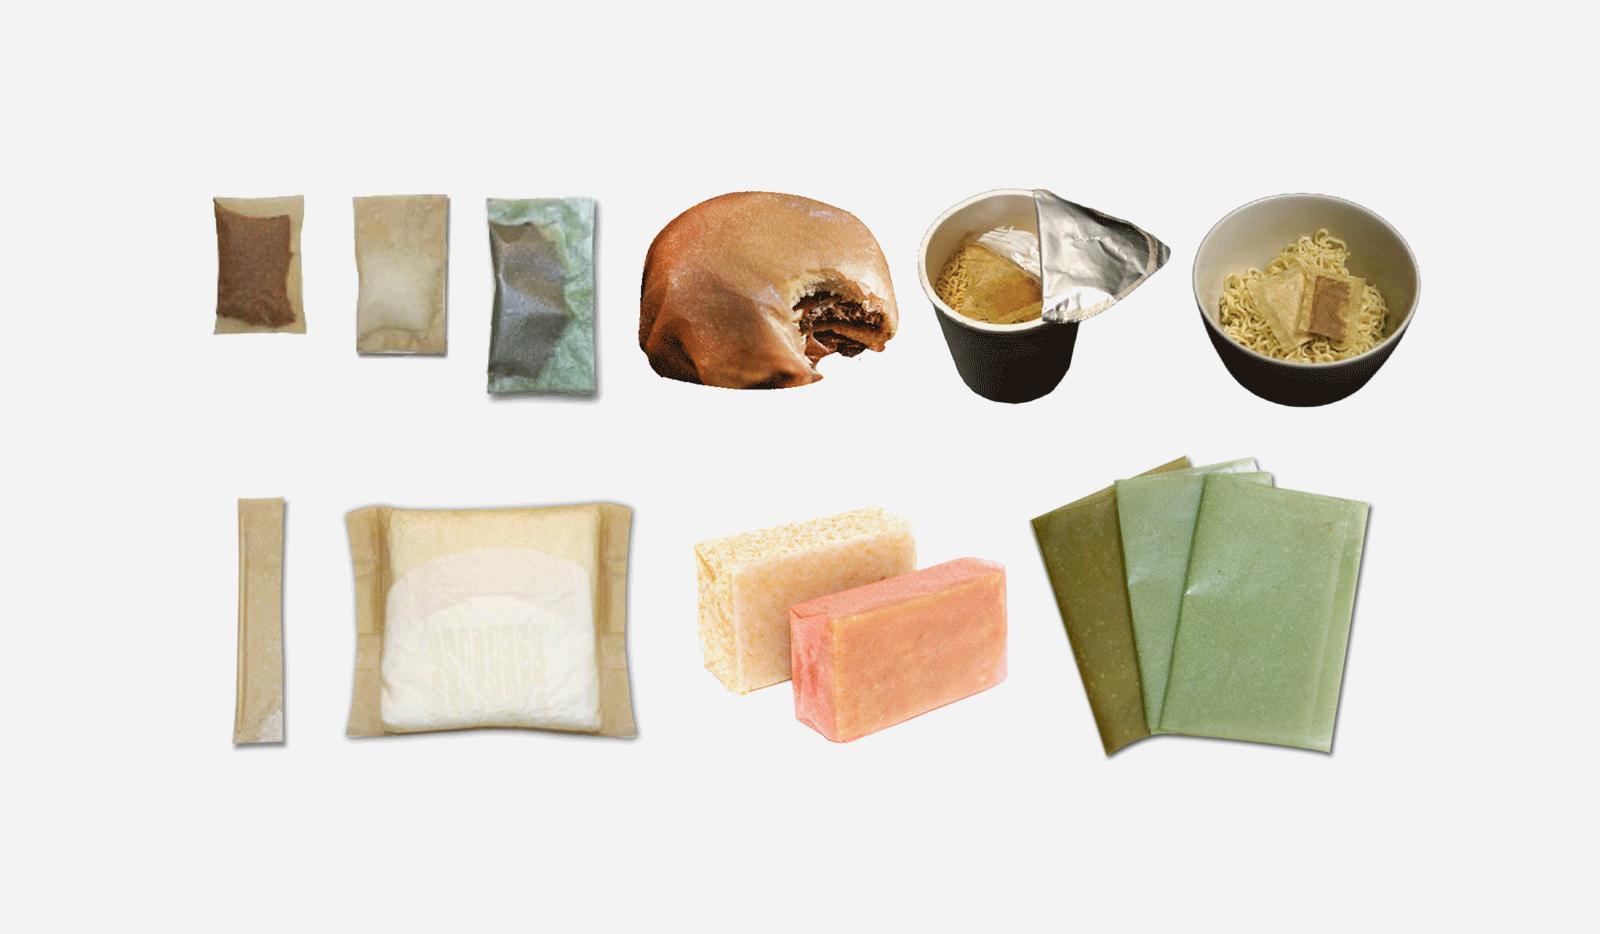 Evoware's seaweed-based packaging